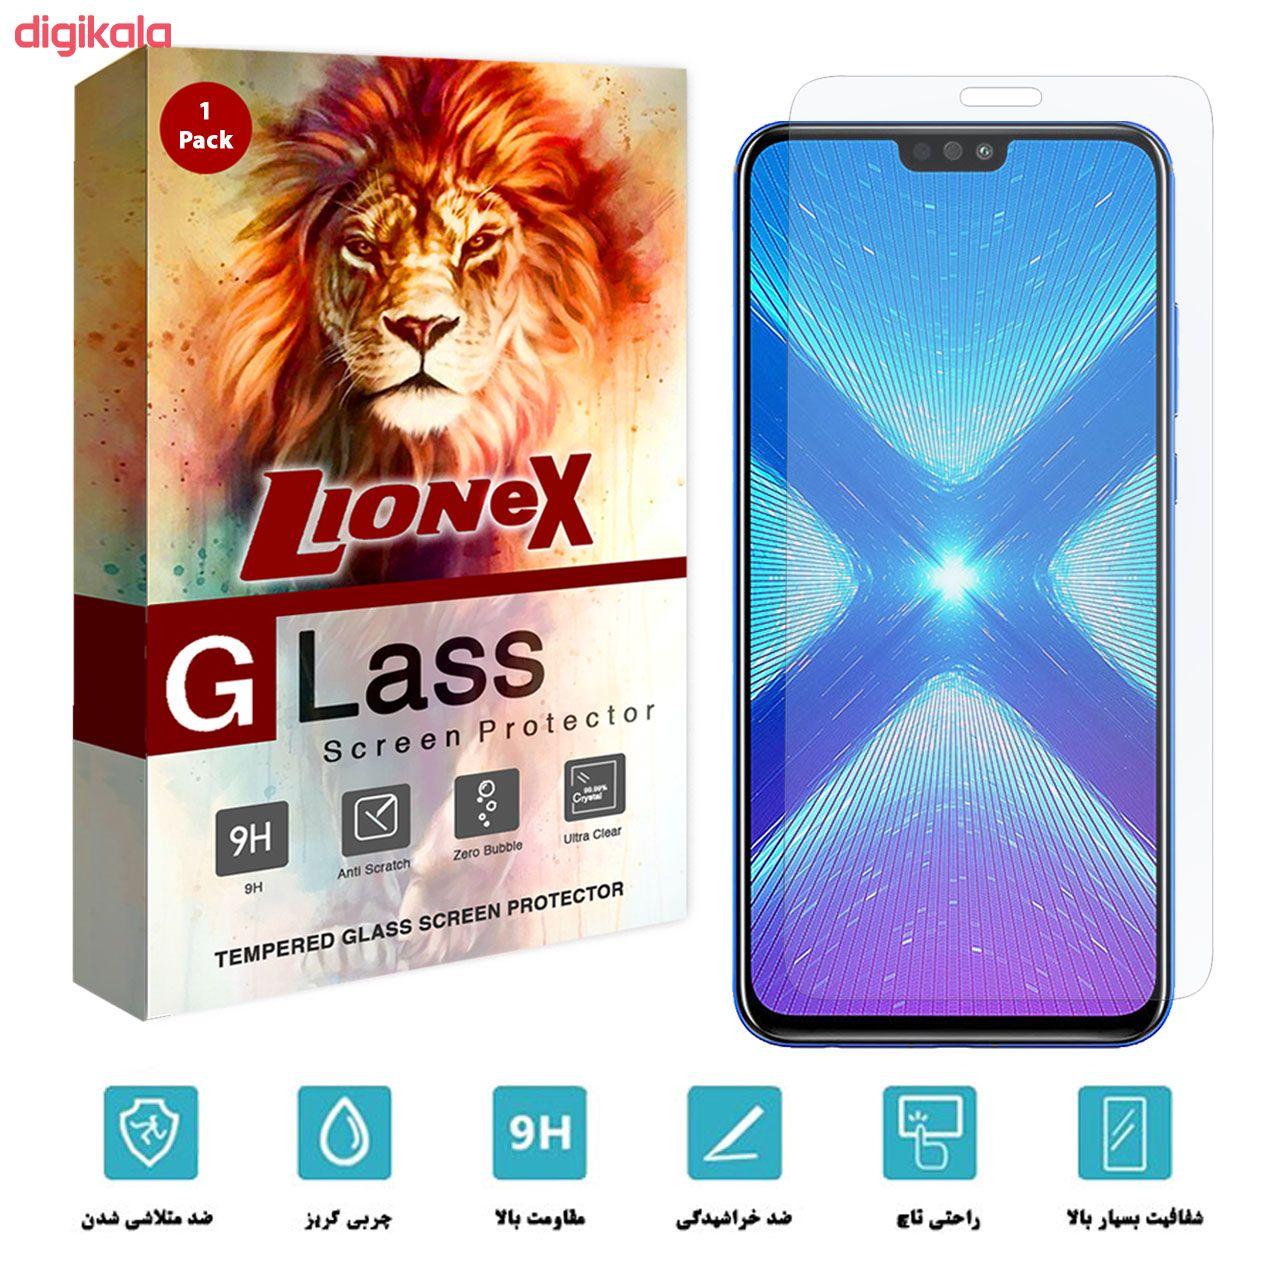 محافظ صفحه نمایش لایونکس مدل UPS مناسب برای گوشی موبایل آنر 8X main 1 2